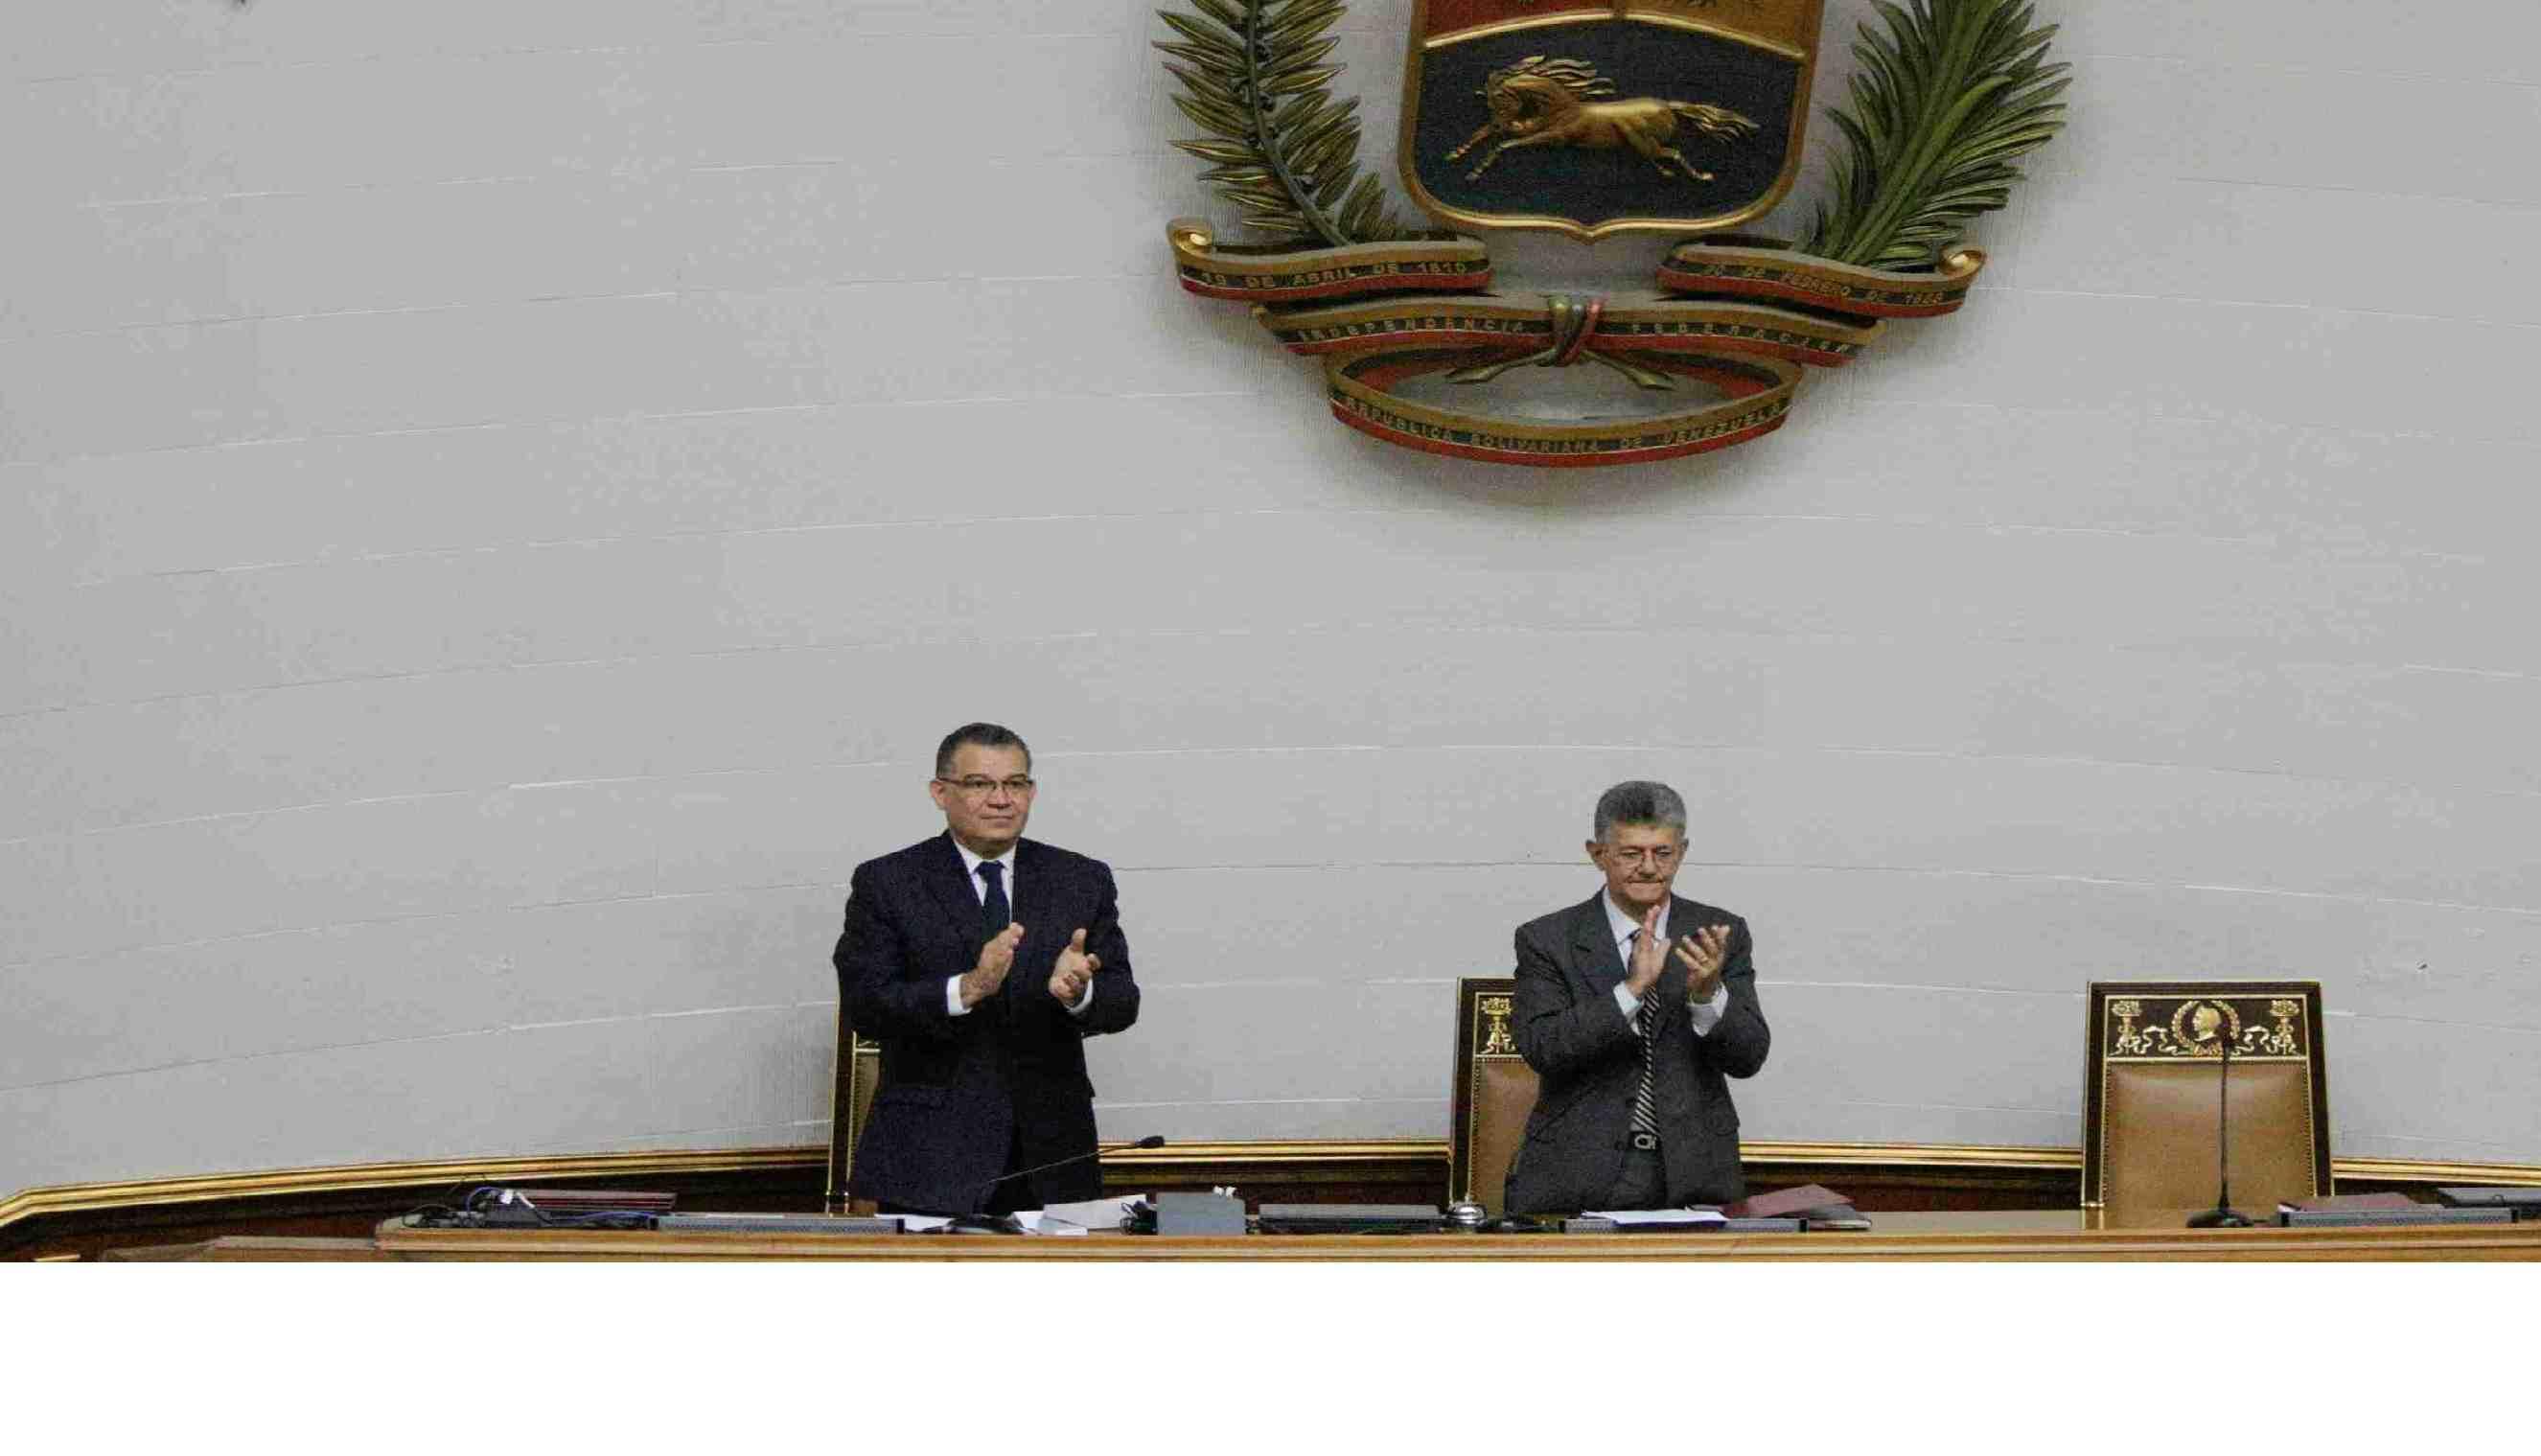 El acuerdo aprobado busca la restitución de la Constitución de la República, del orden institucional y la democracia.